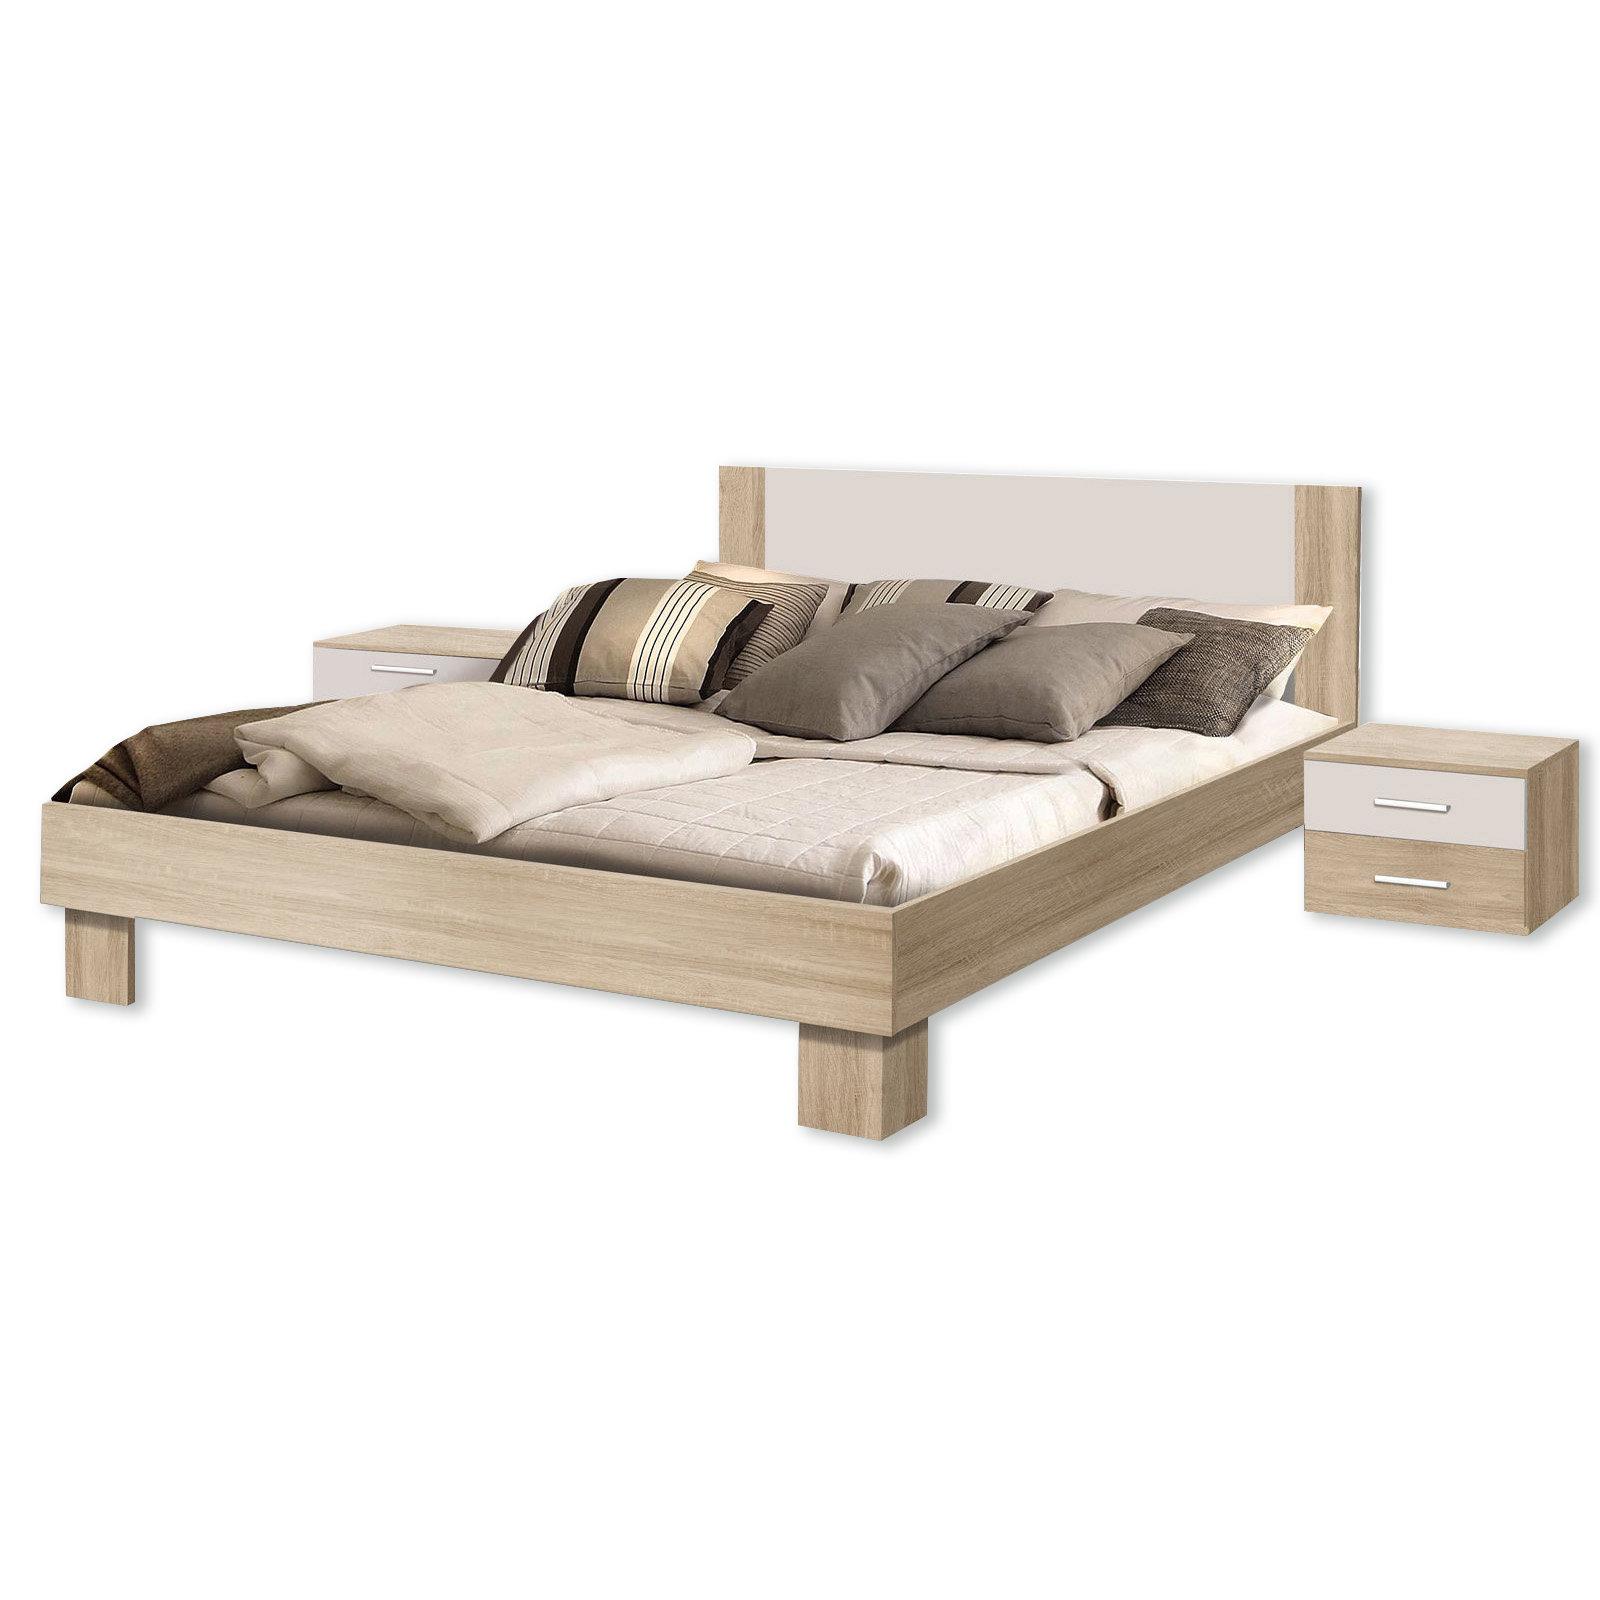 18-teiliges Schlafzimmer-Set - Sonoma Eiche